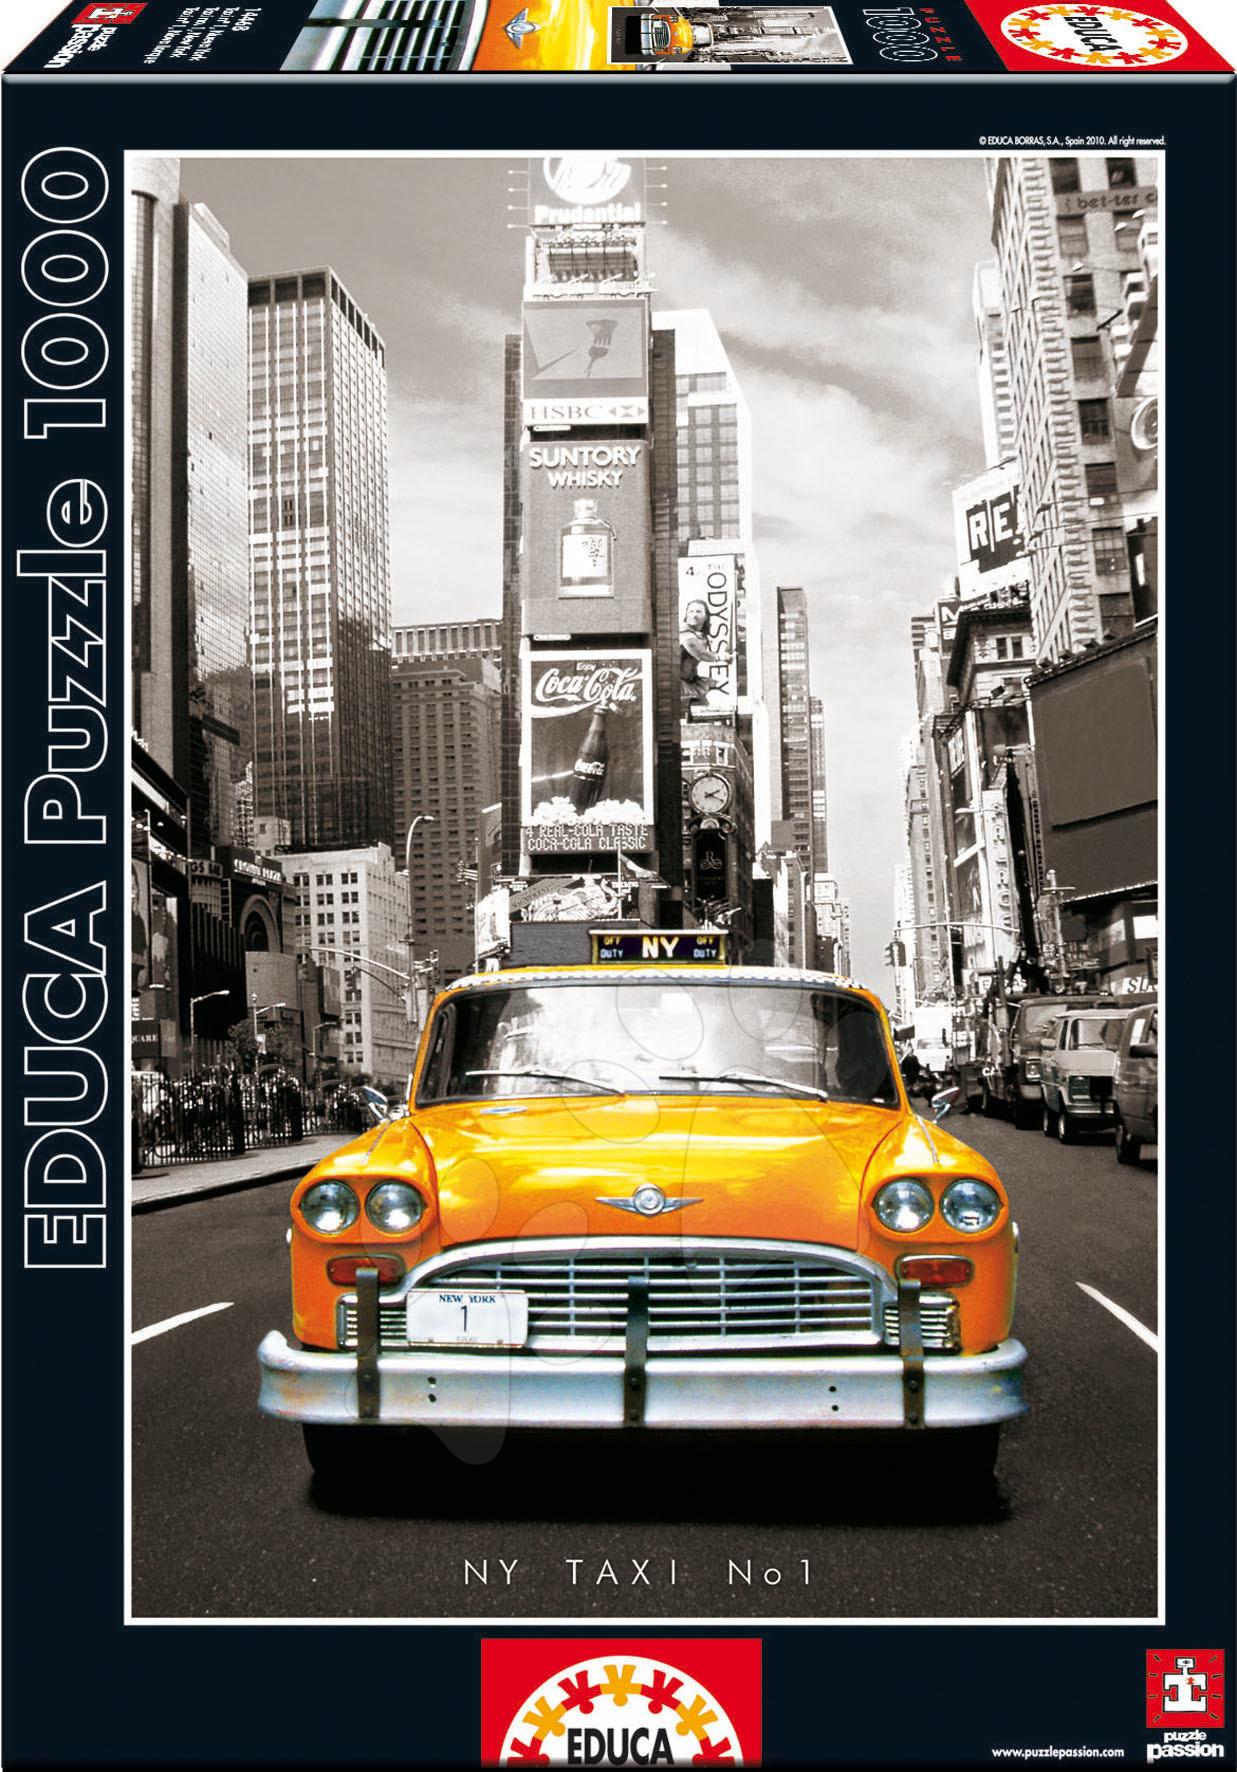 Puzzle Taxi no. 1 Educa 1000 db 12 évtől